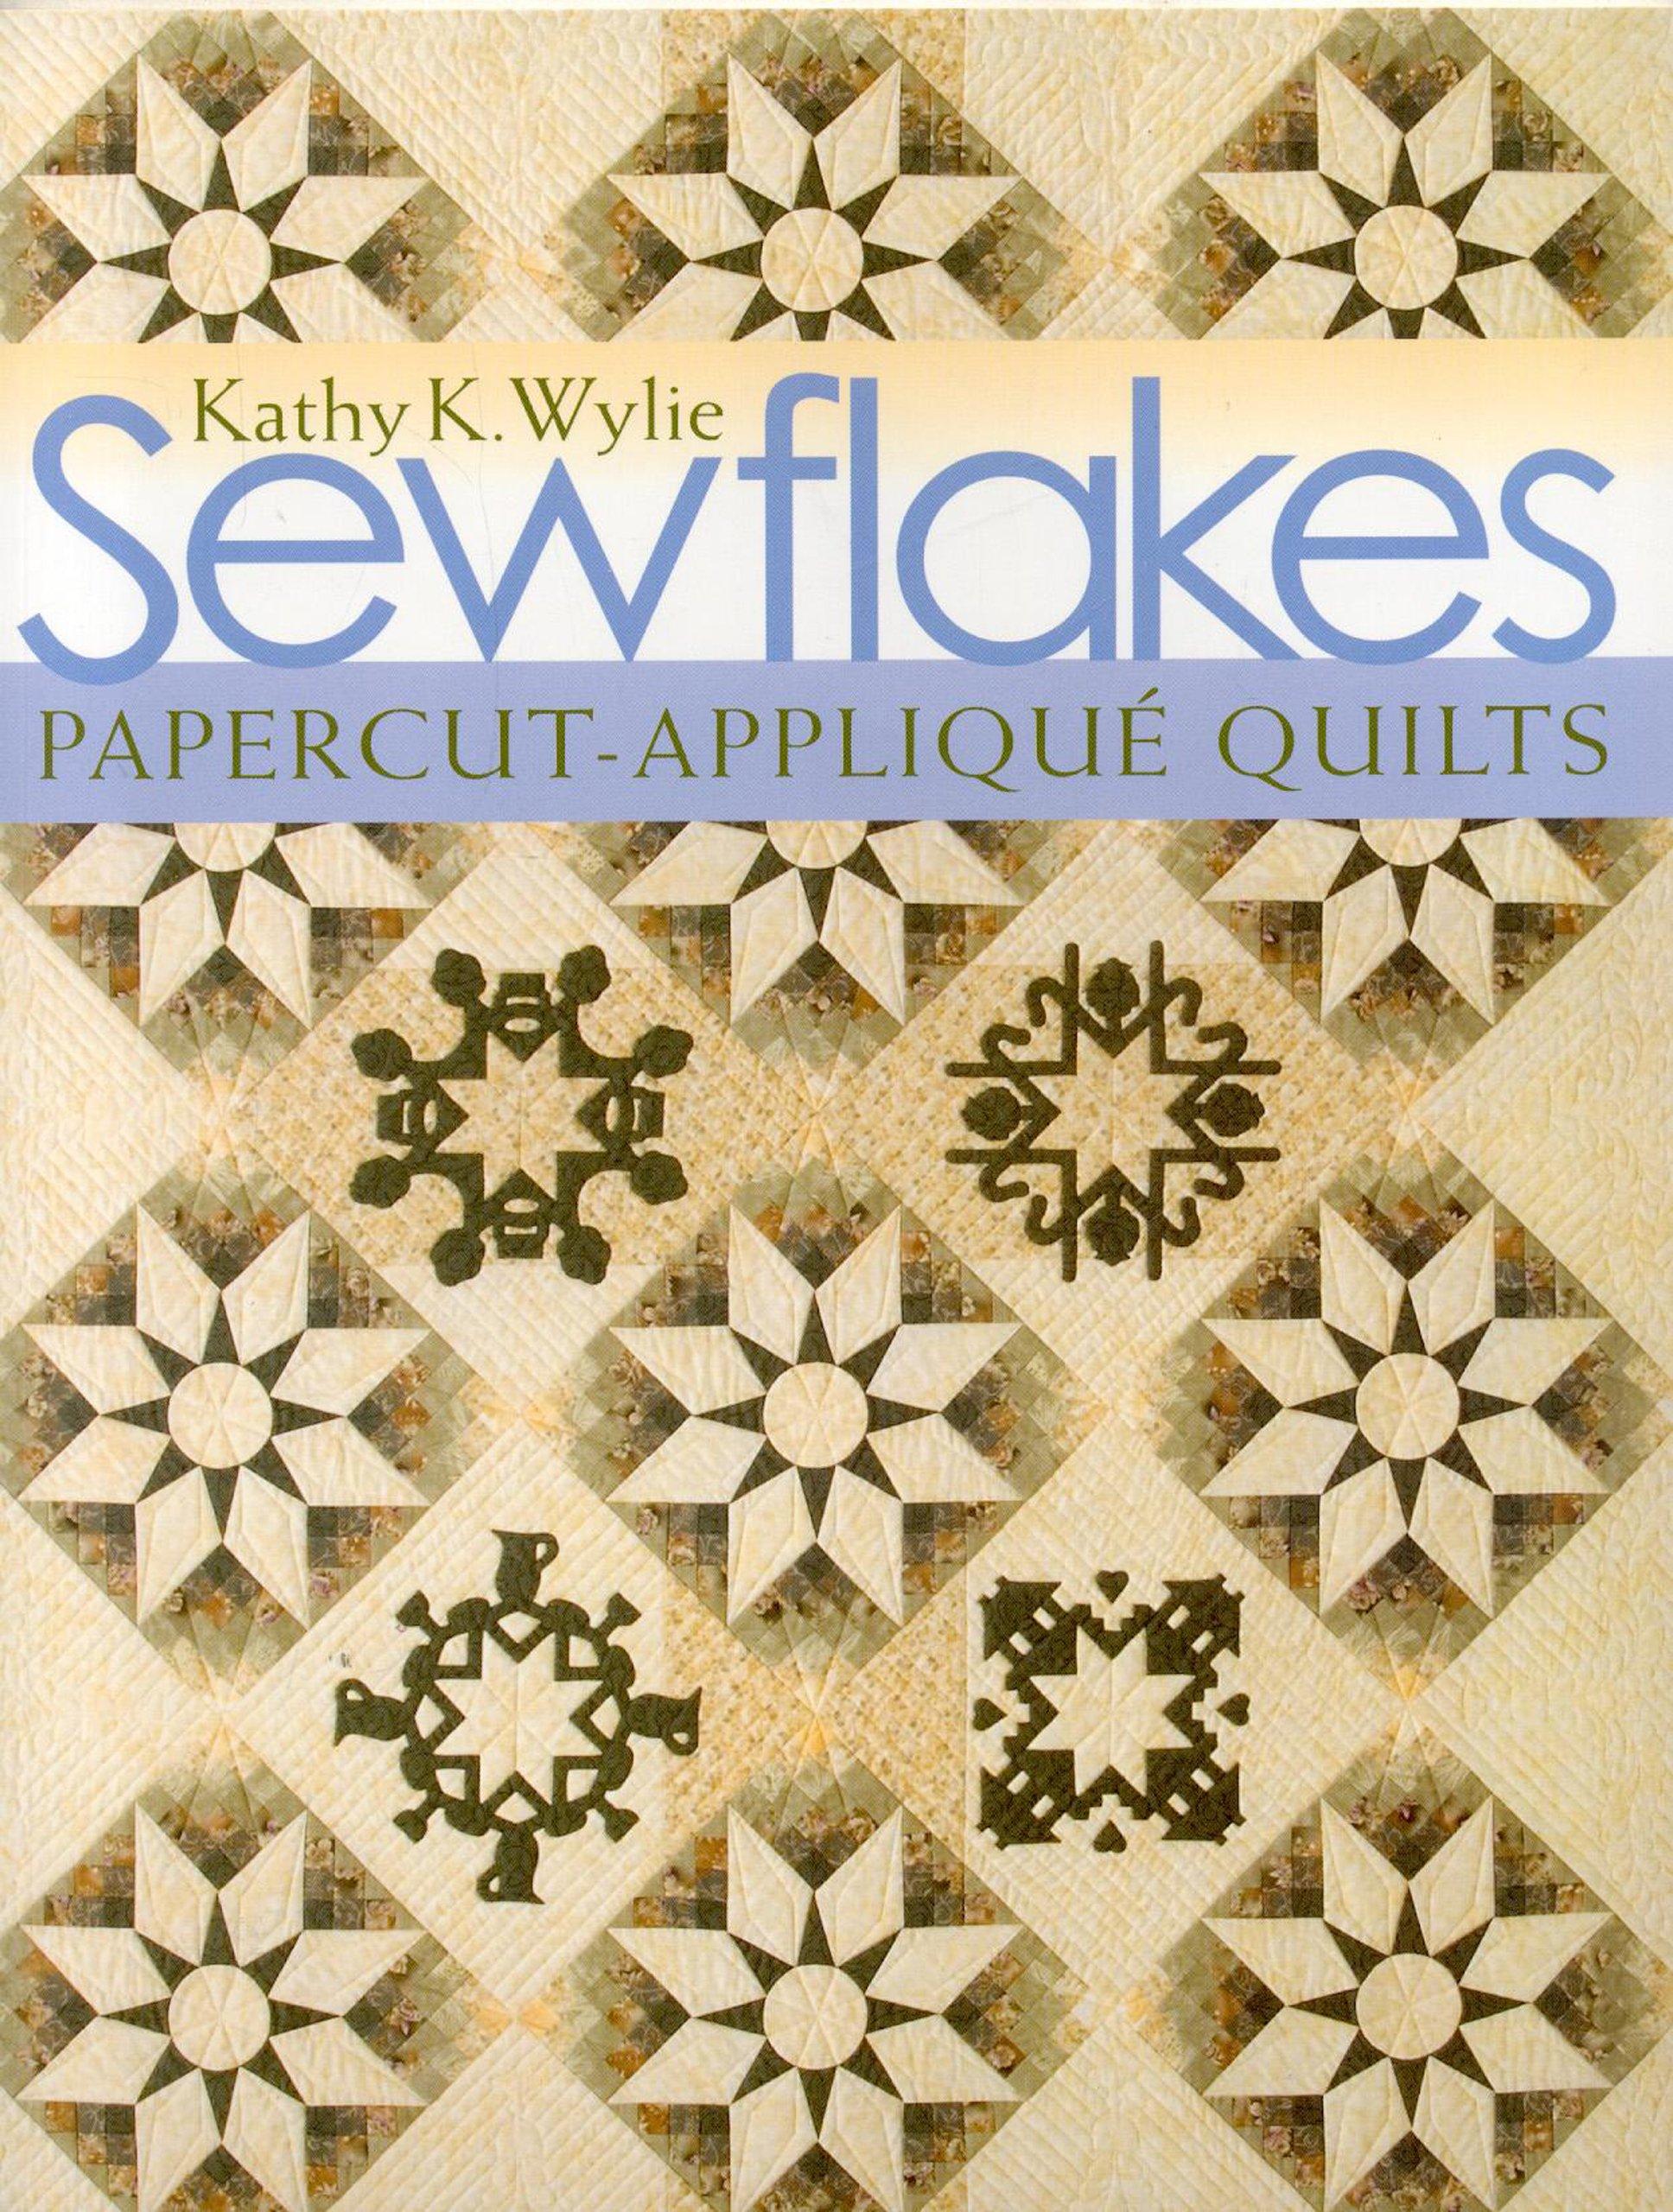 Sewflakes: Papercut-Applique Quilts